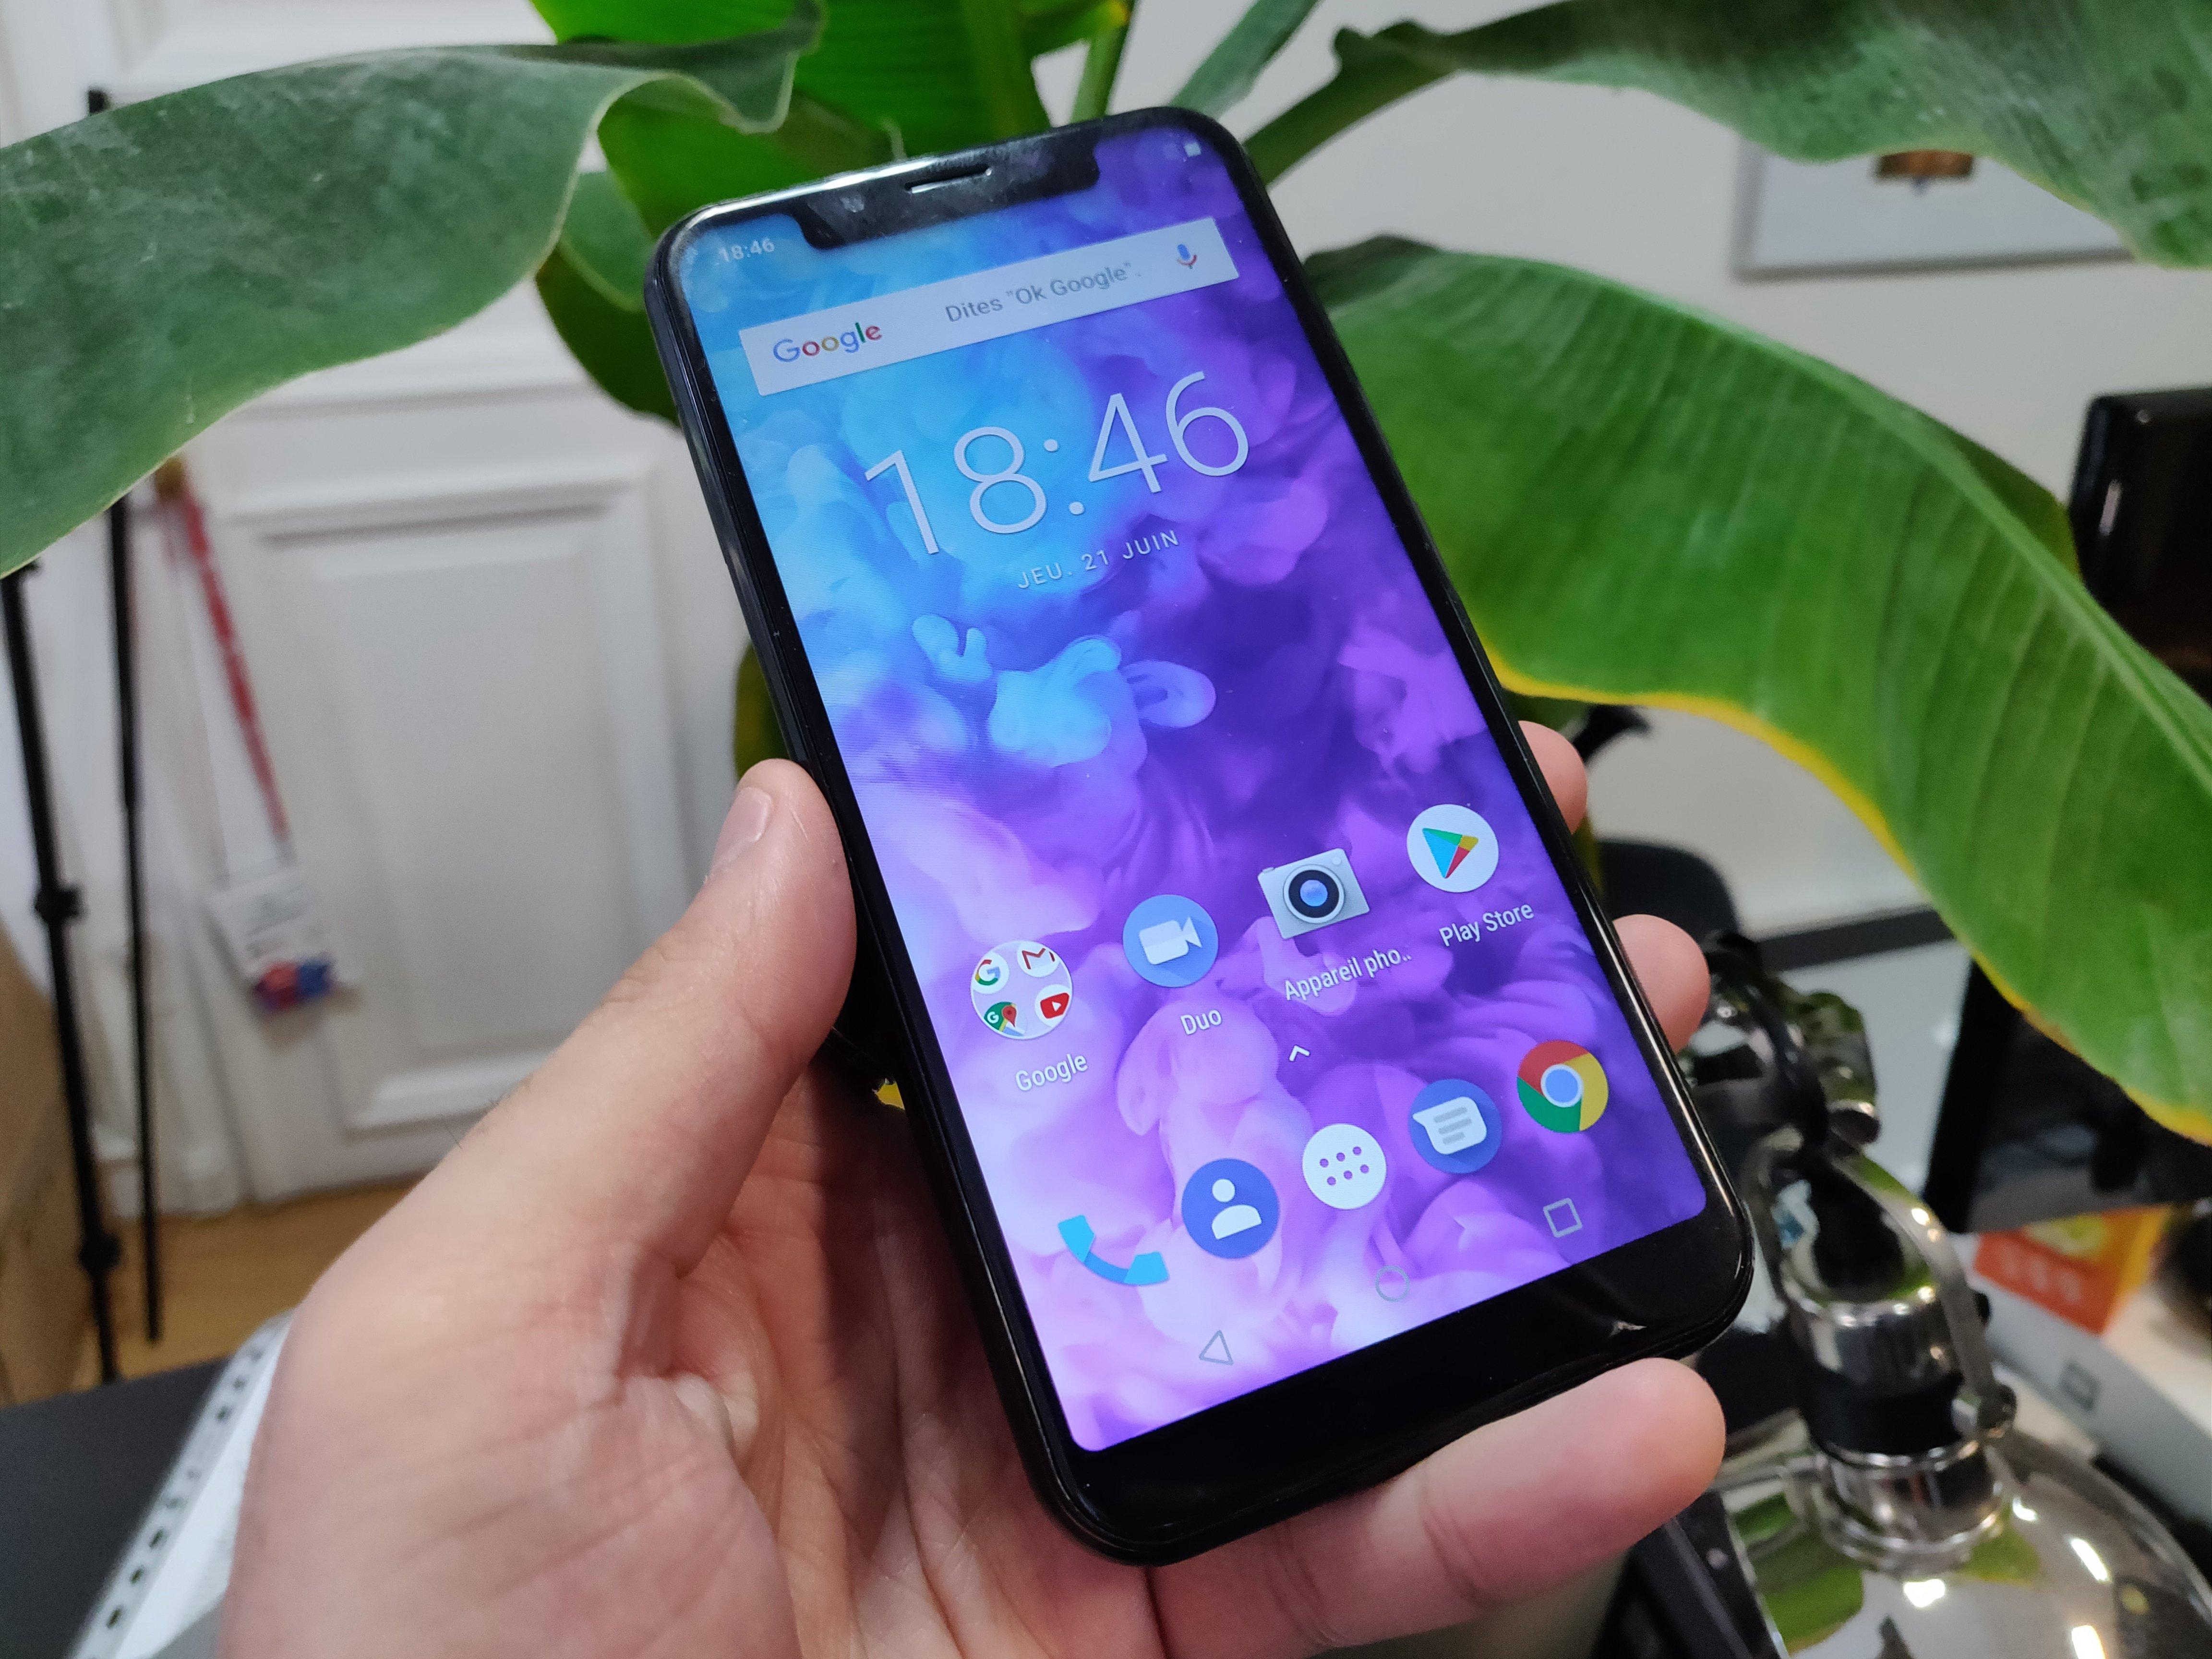 Bien qu existant depuis 2014, le petit constructeur marseillais s est  montré bien plus discret que Wiko, l autre marque de smartphones de ... 827270adb37